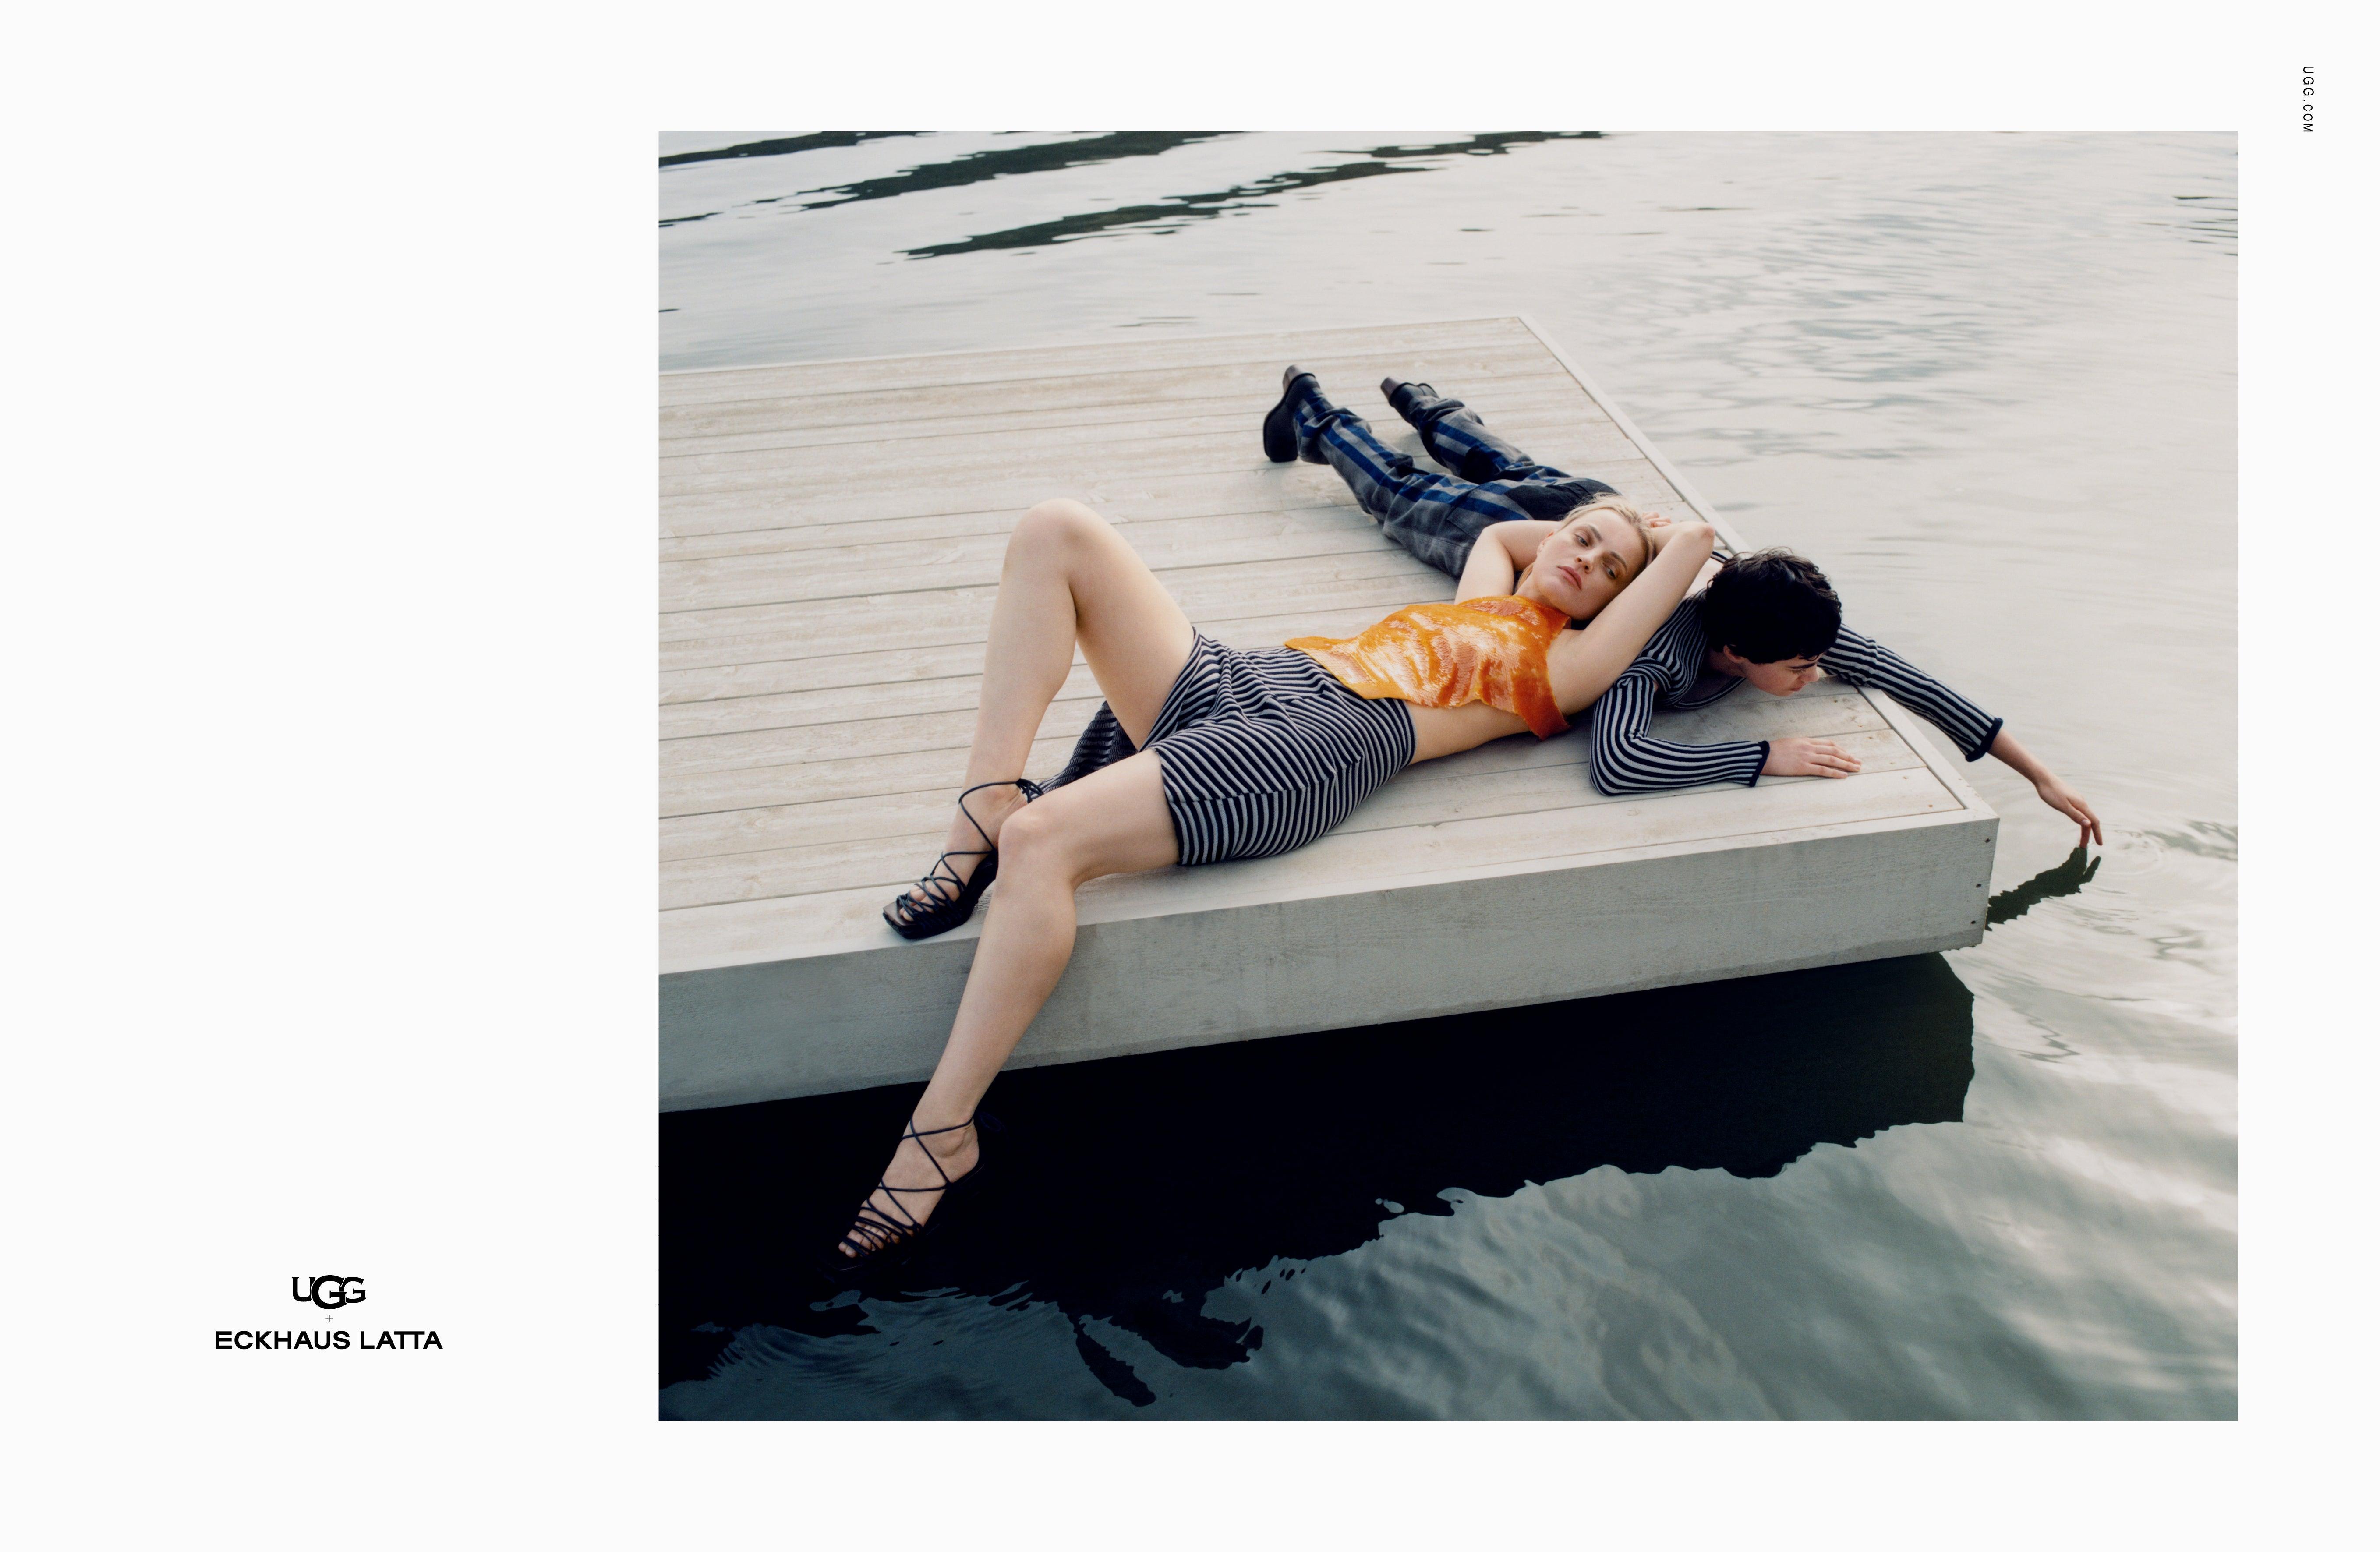 Eckhaus Latta x Ugg Lace On Lace Sandal